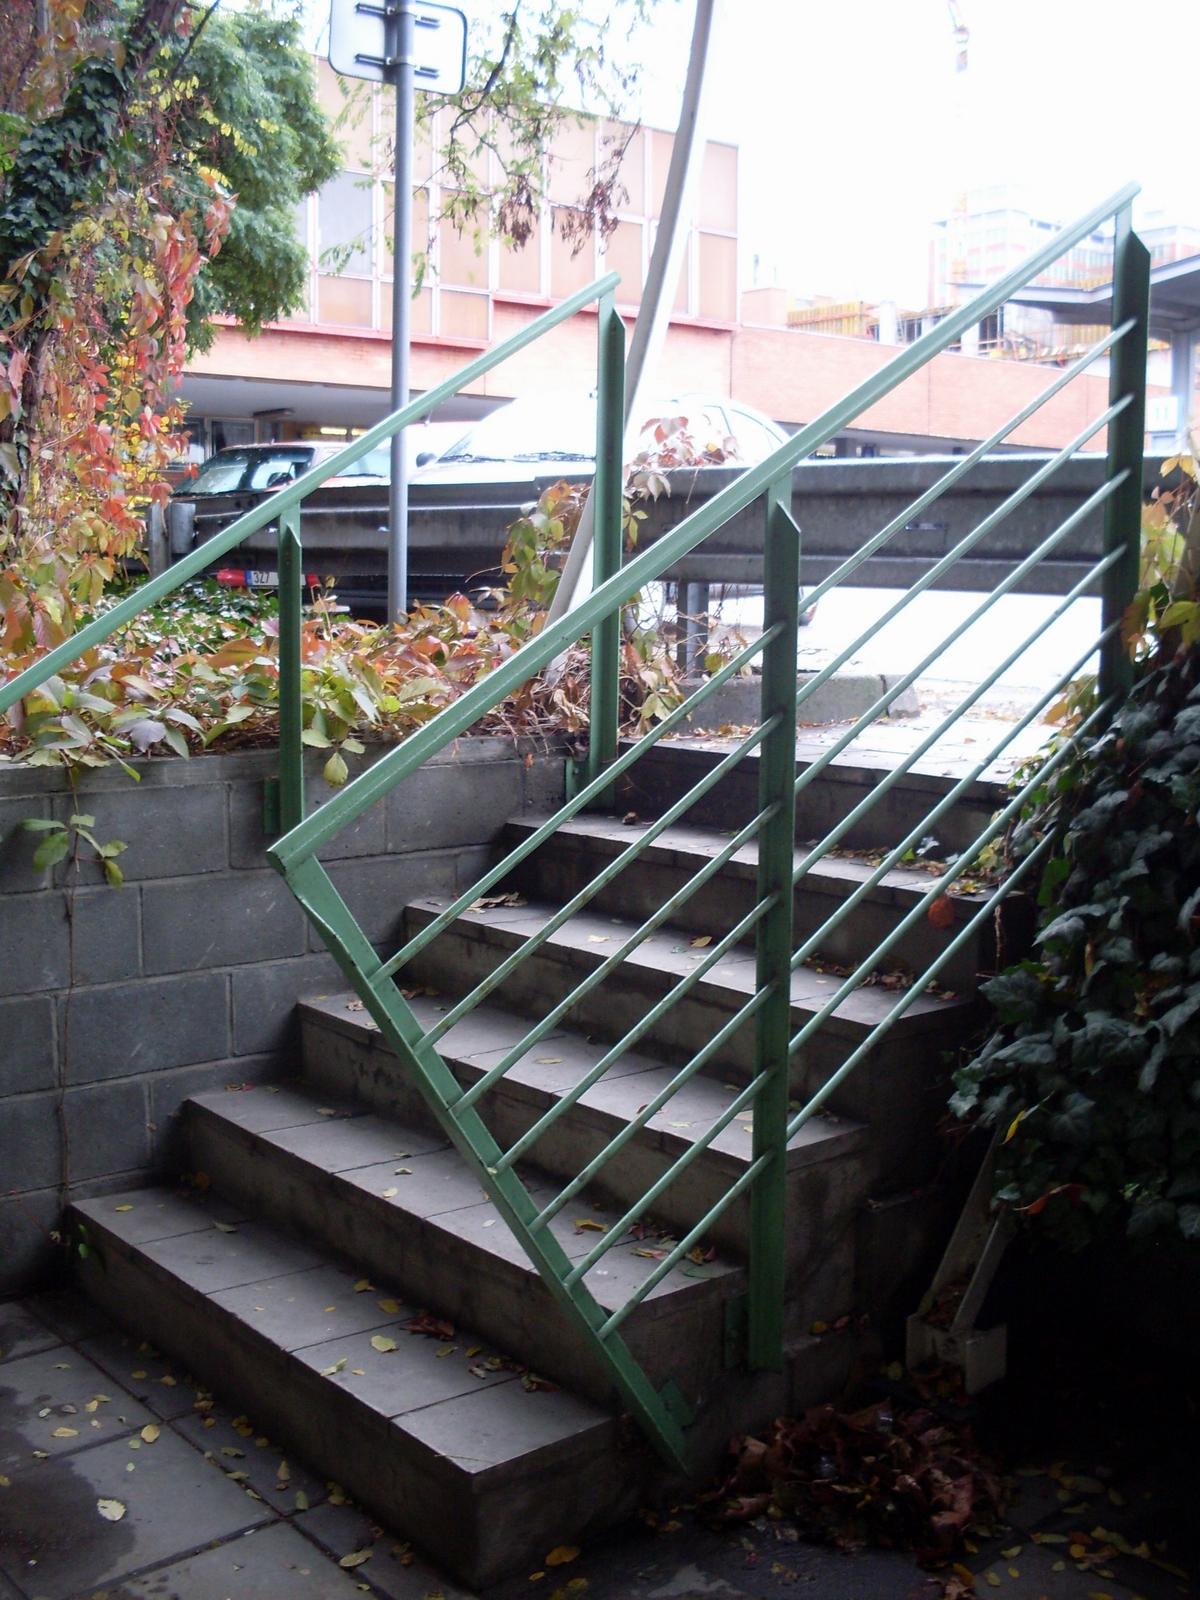 Zlínské schody, které nikam nevedou